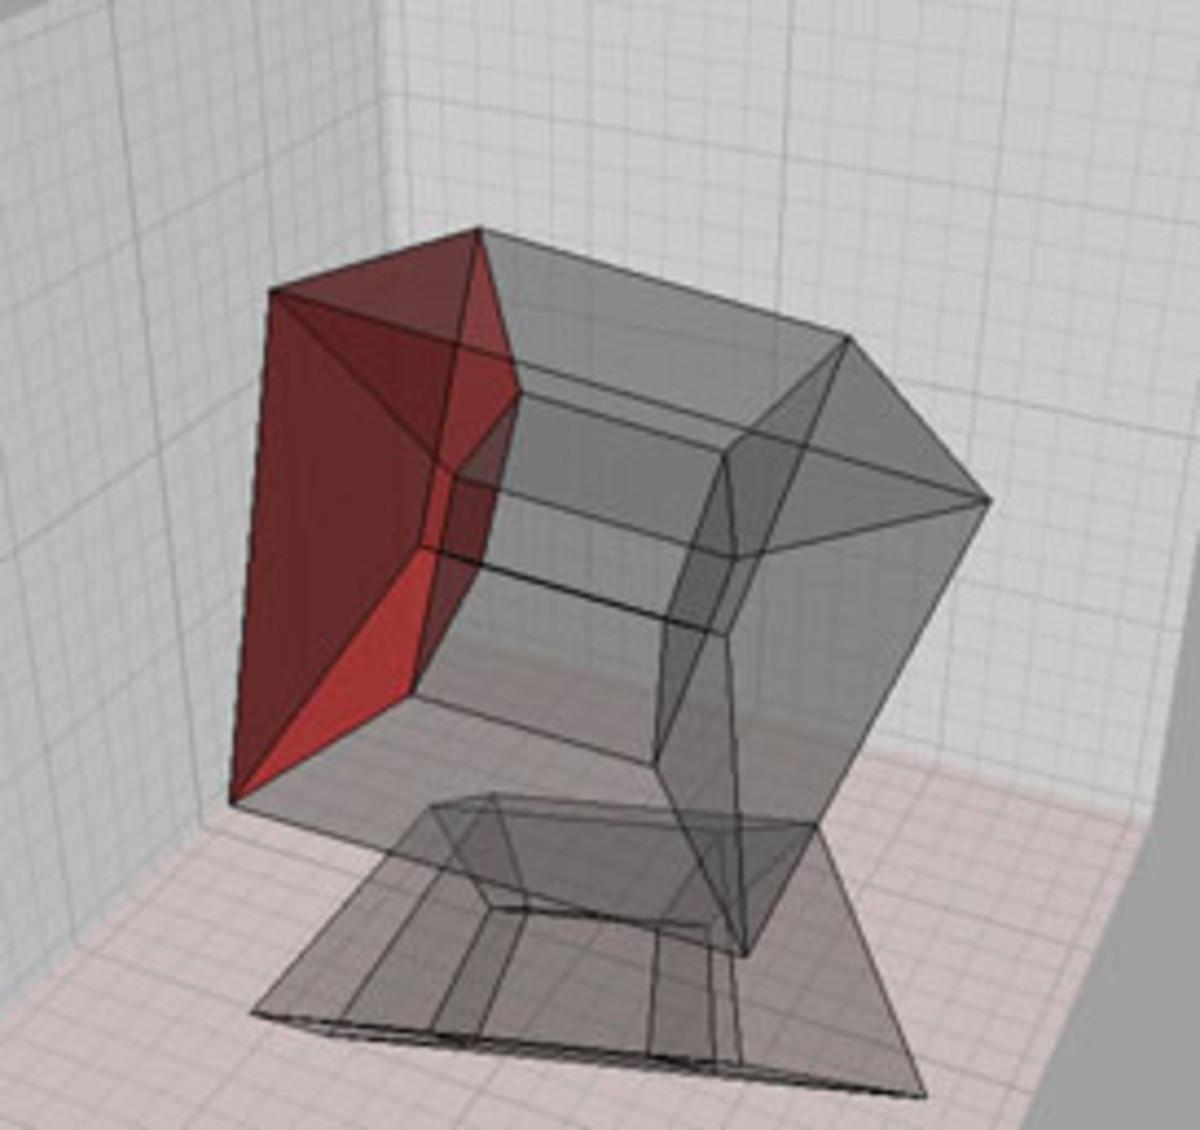 A hyper Cube